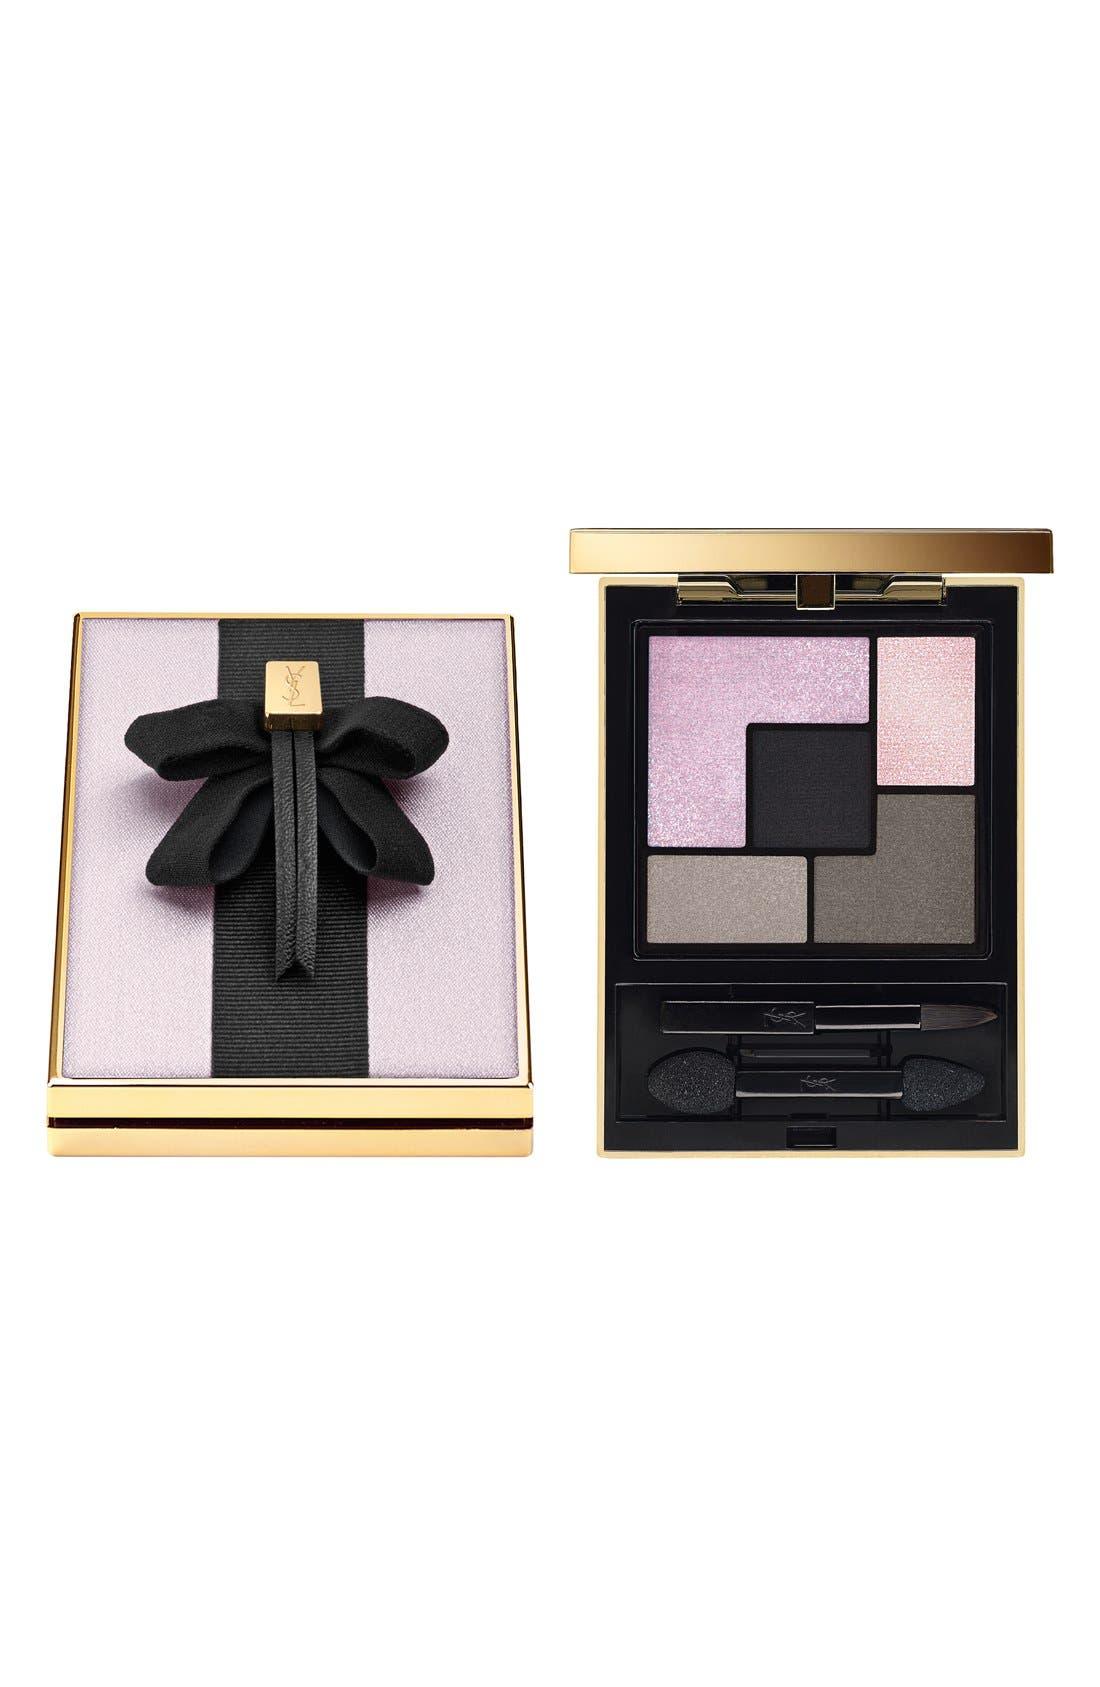 Yves Saint Laurent 'Mon Paris' Palette (Limited Edition) (Nordstrom Exclusive)